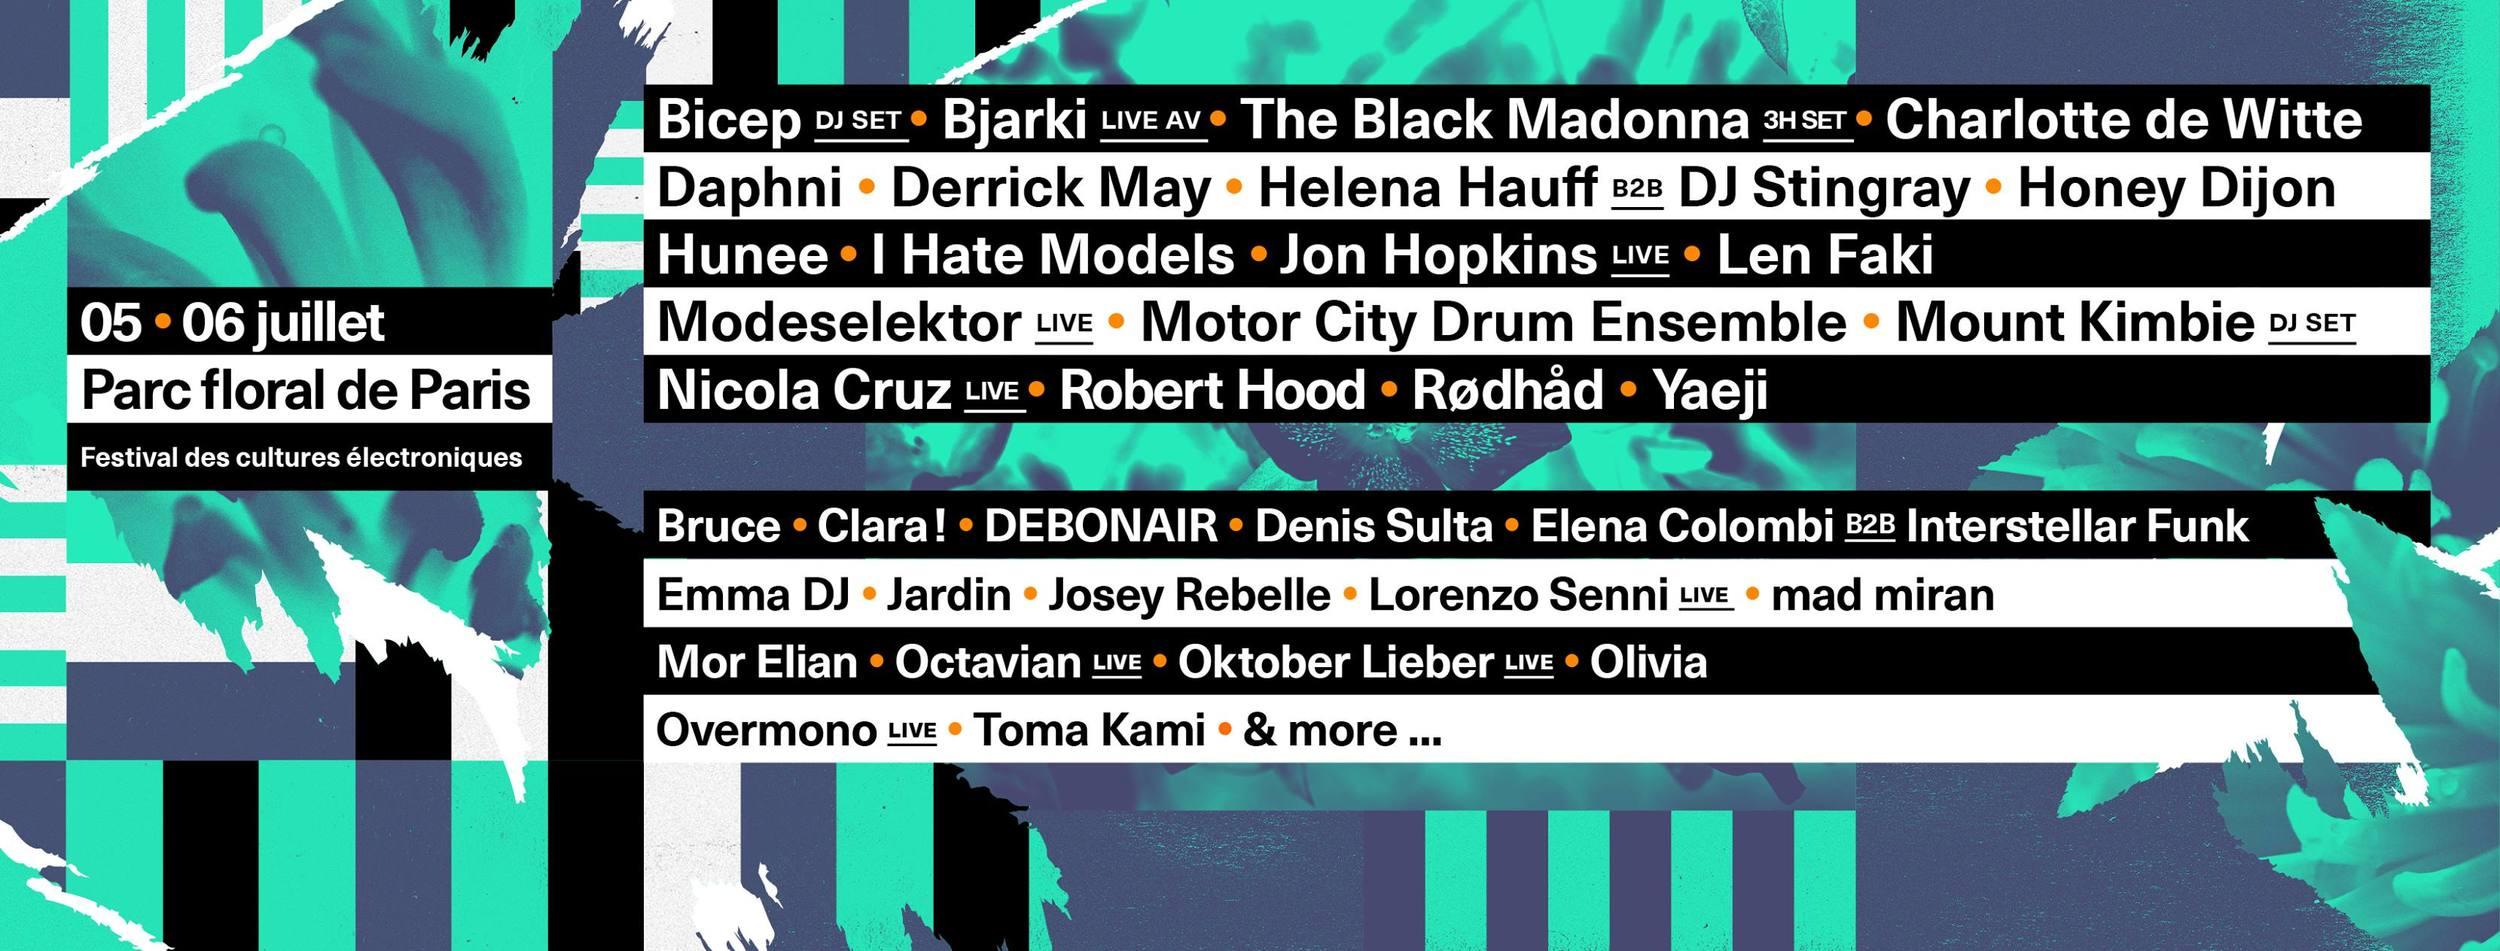 Europe Techno Festivals 2019